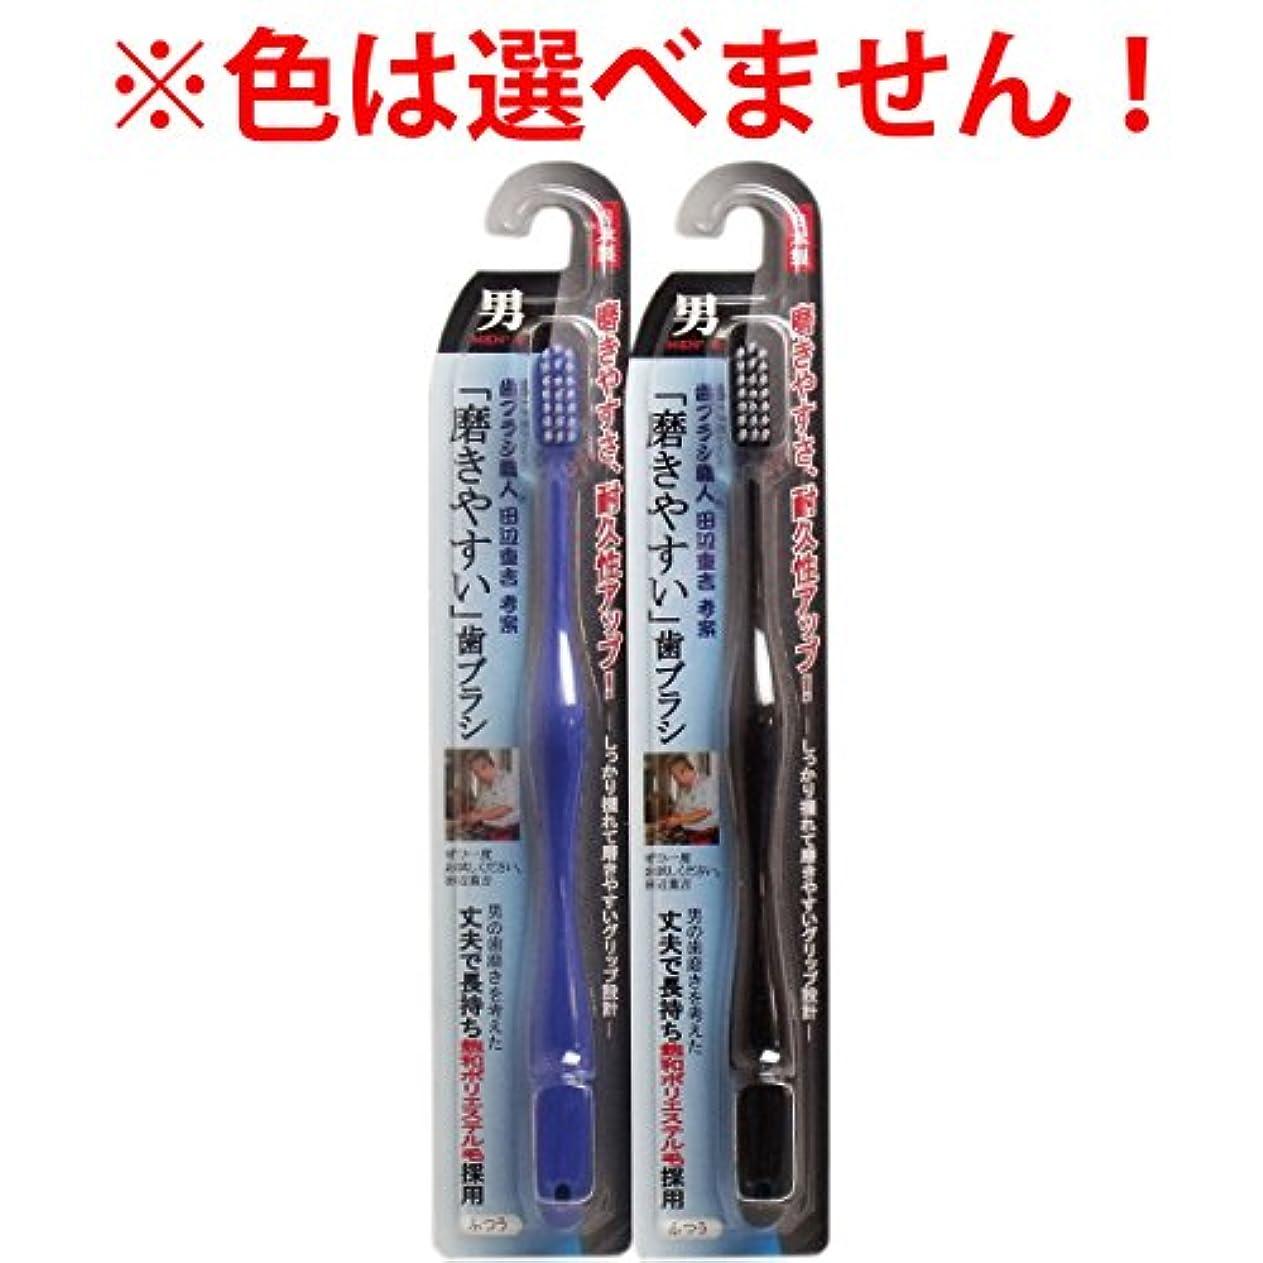 痛いチロ仮説ライフレンジ 「磨きやすい」歯ブラシ男 LT-08 1本